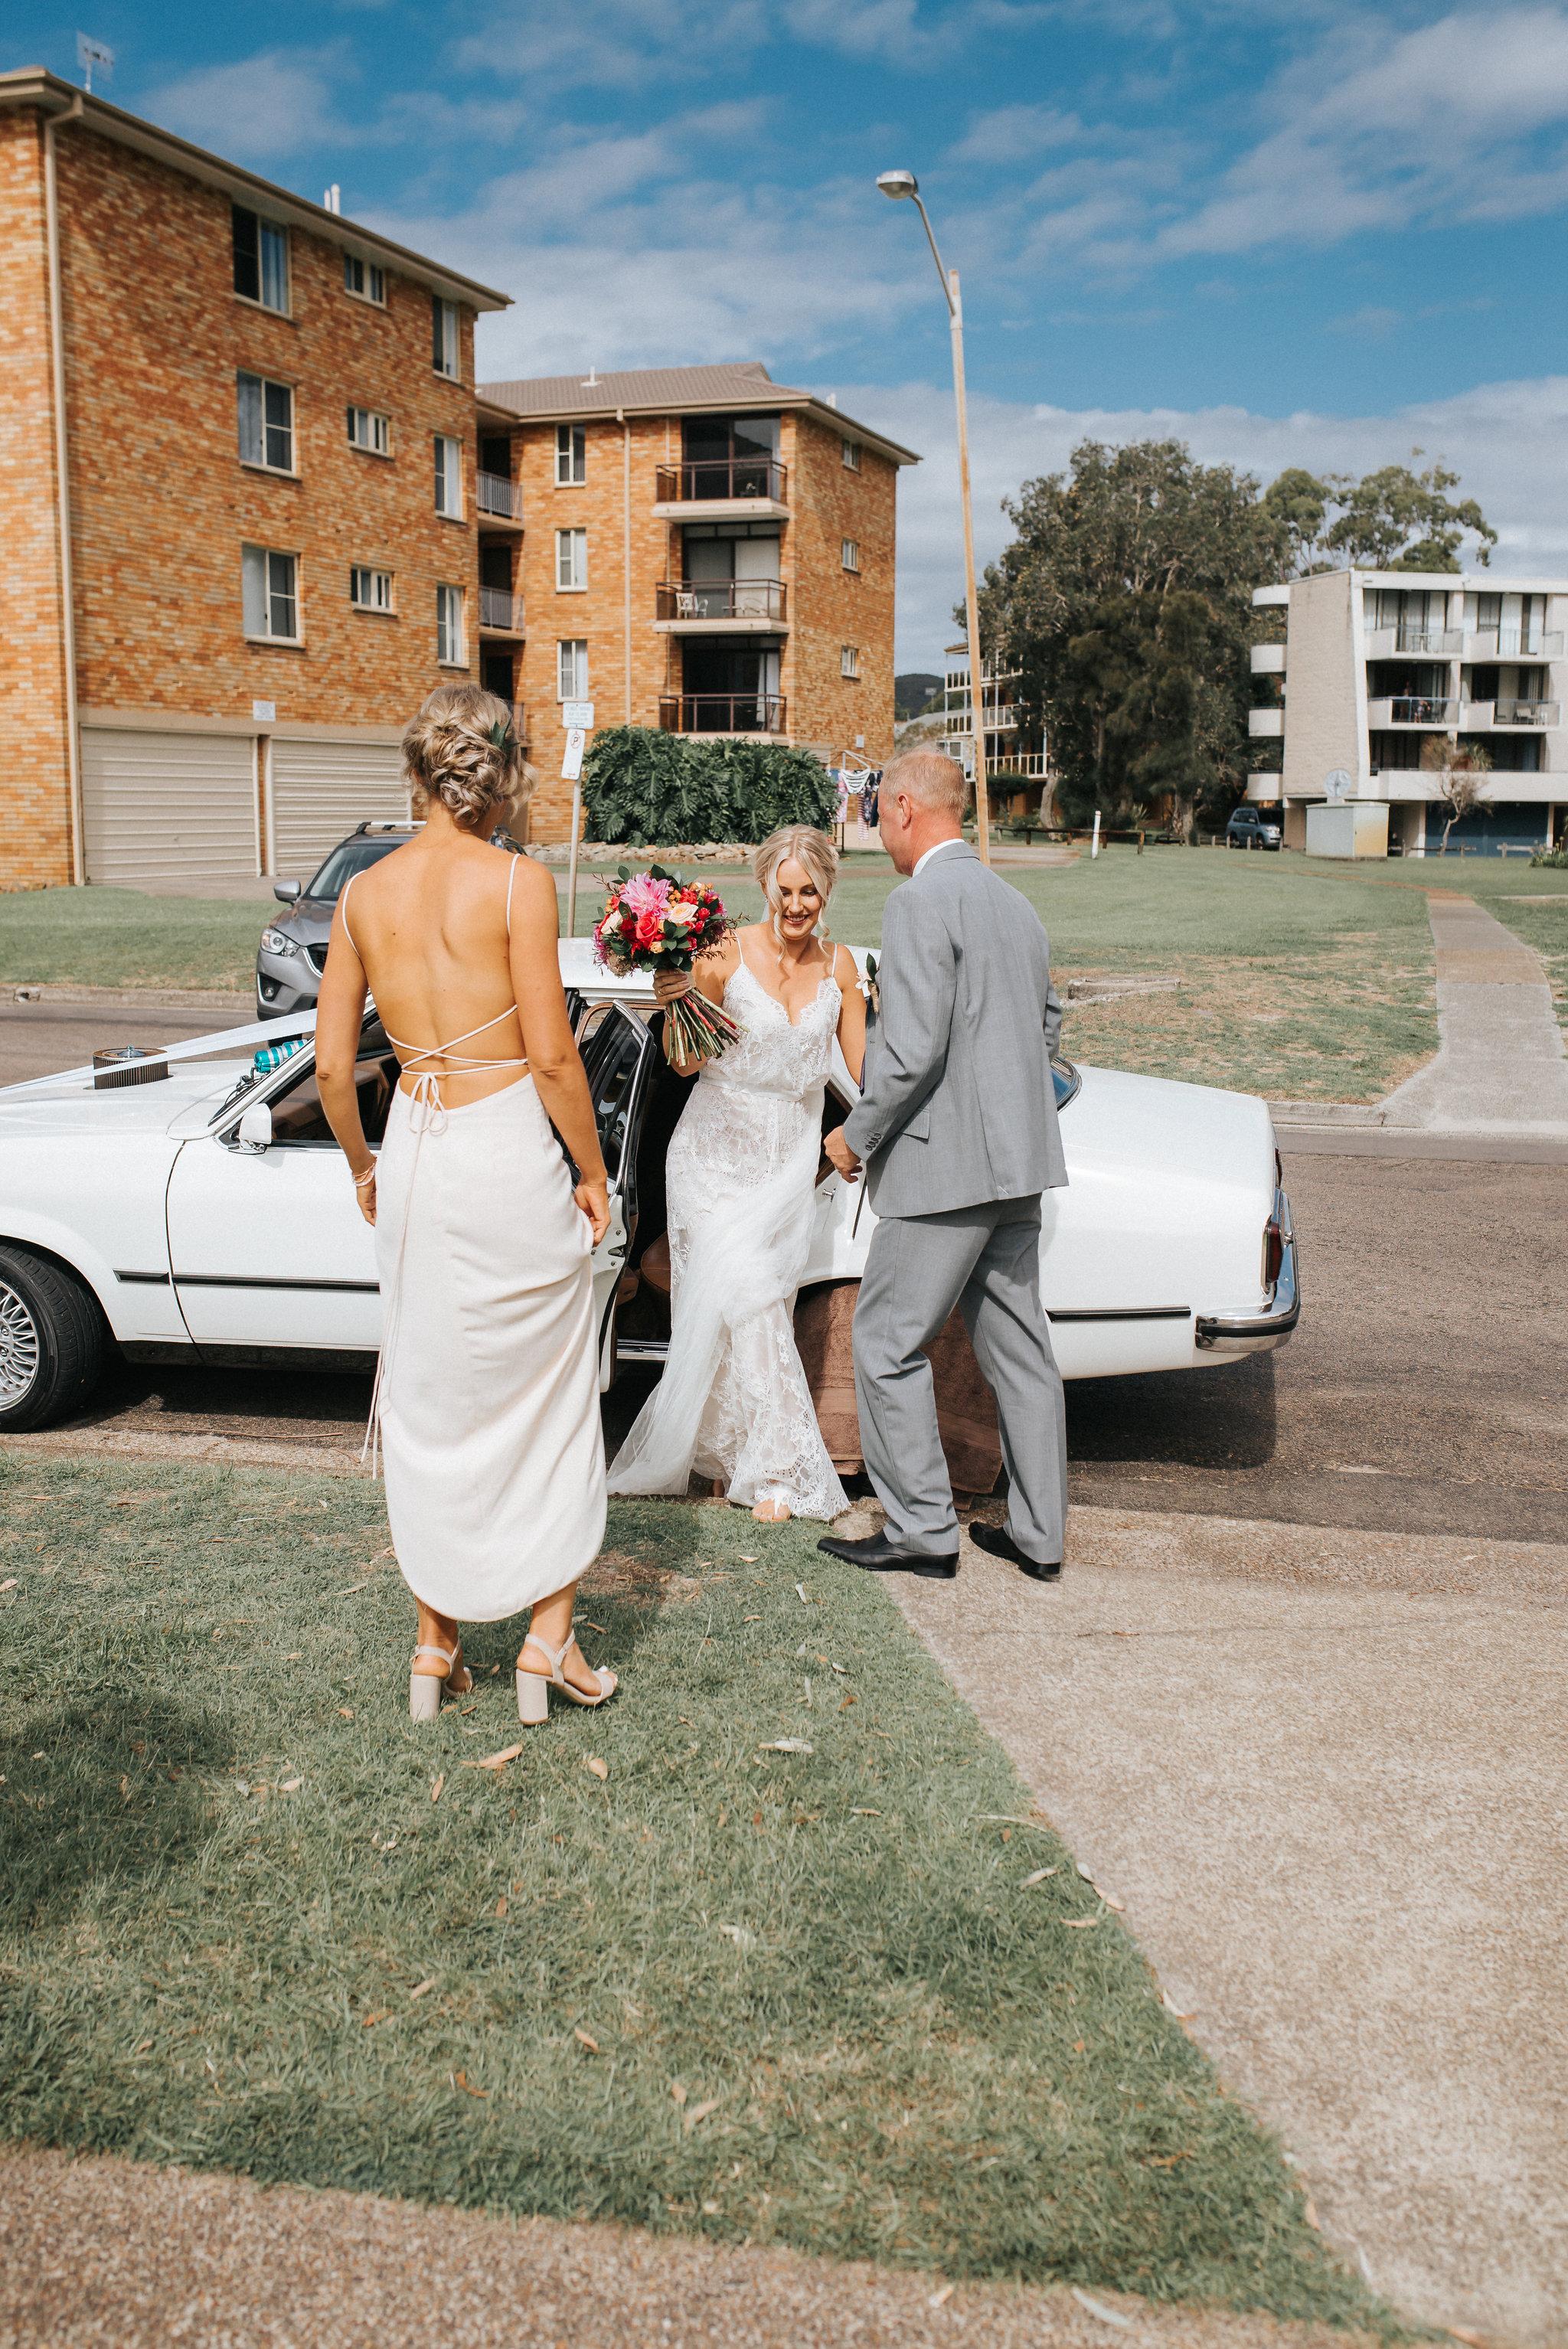 LITTLE-BEACH-WEDDING-MARCHANT-356.jpg